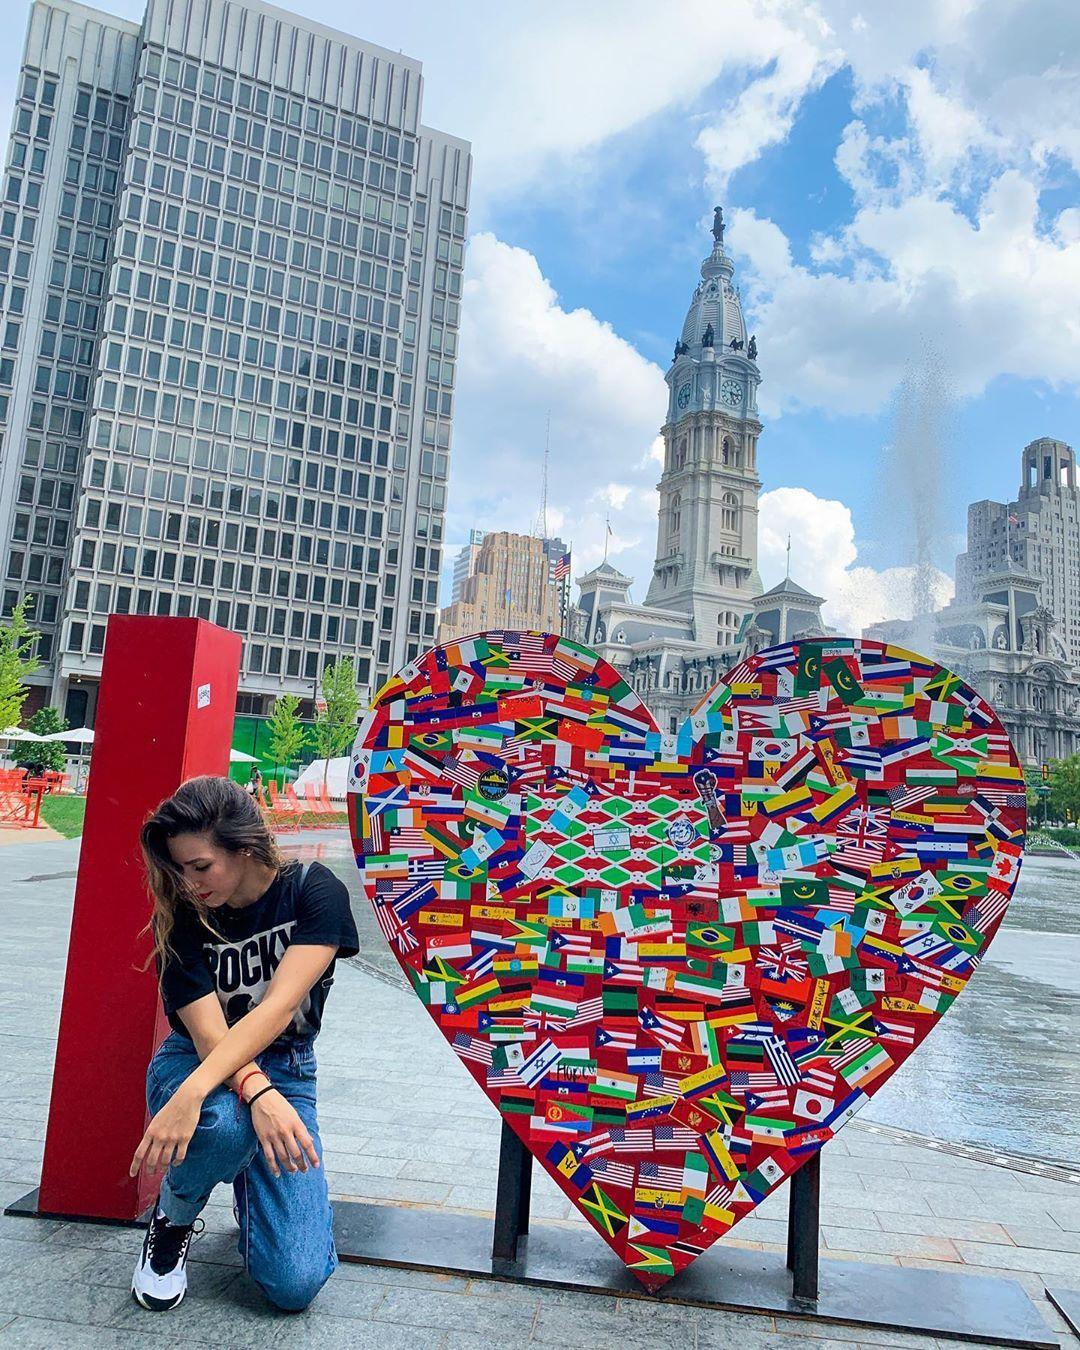 PHILADELPHIA ❤️ Más igualdad, más esperanza, más humanidad, más orgullo, más aceptación, más AMOR 💛 Happy sunday to the world ✨ #phily #philadelphia #love #equality #hope #humanity #pride #zoomnike